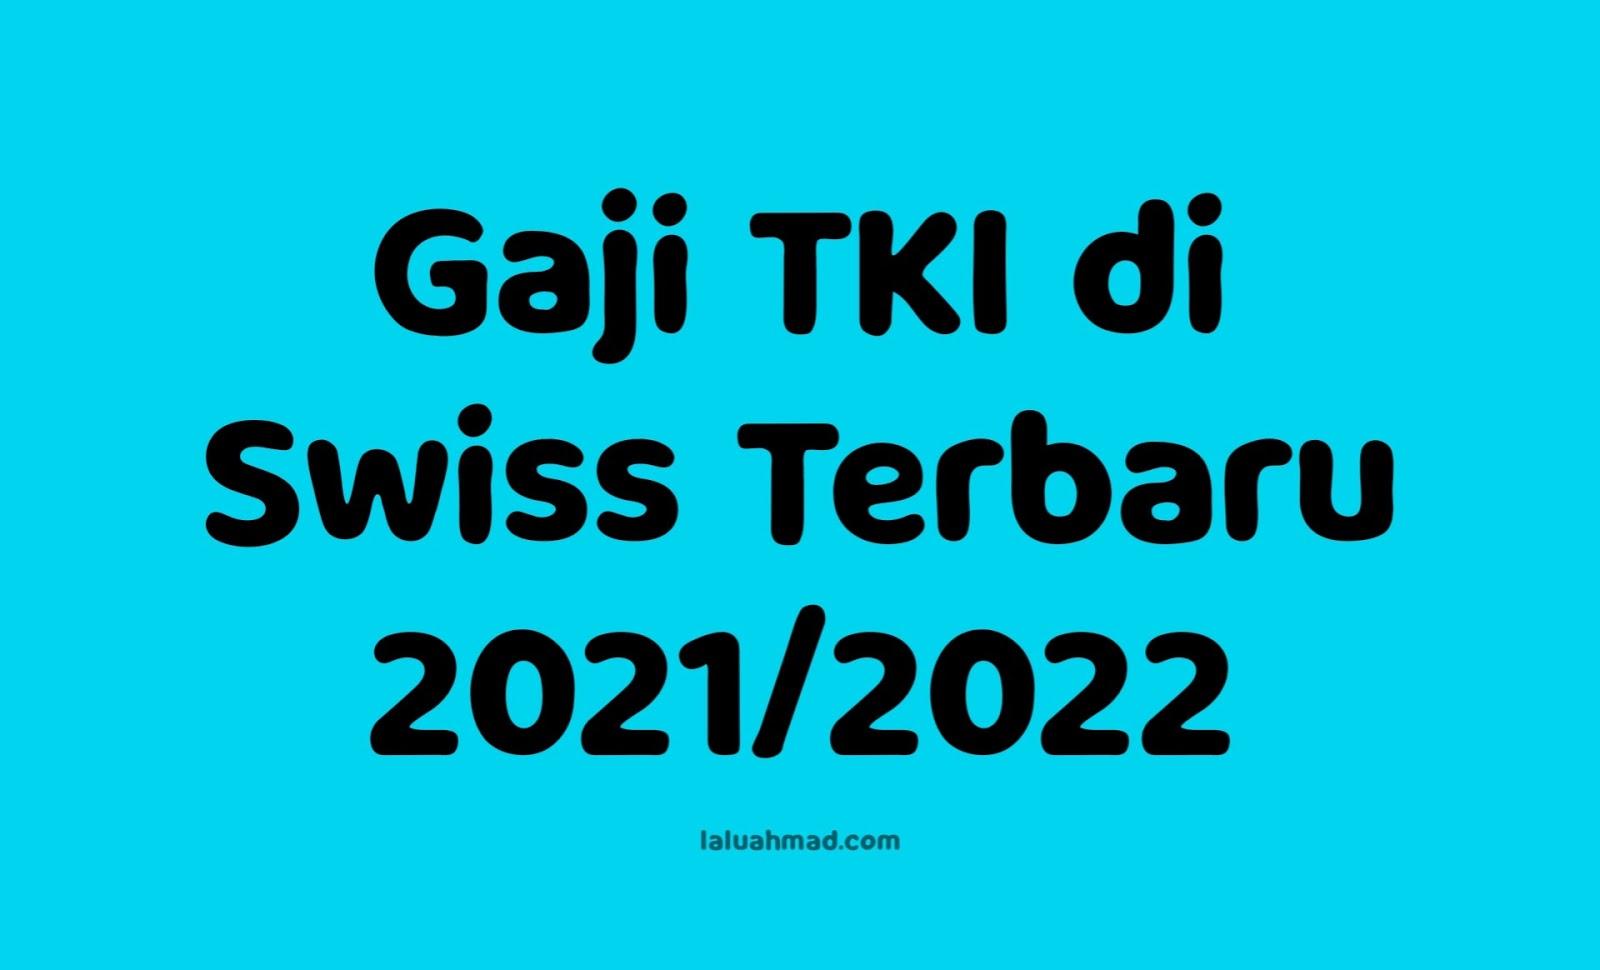 Gaji TKI di Swiss Terbaru 2021/2022